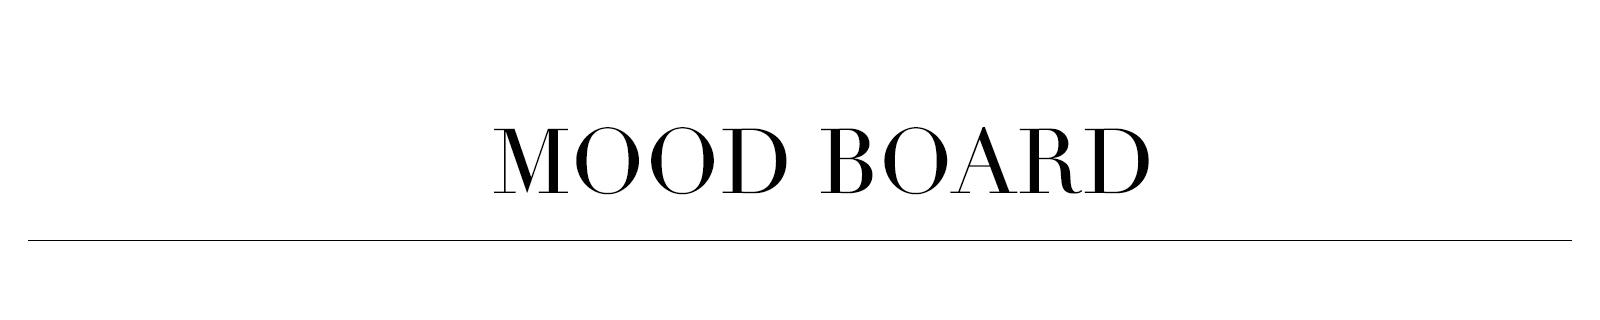 mood board text.jpg